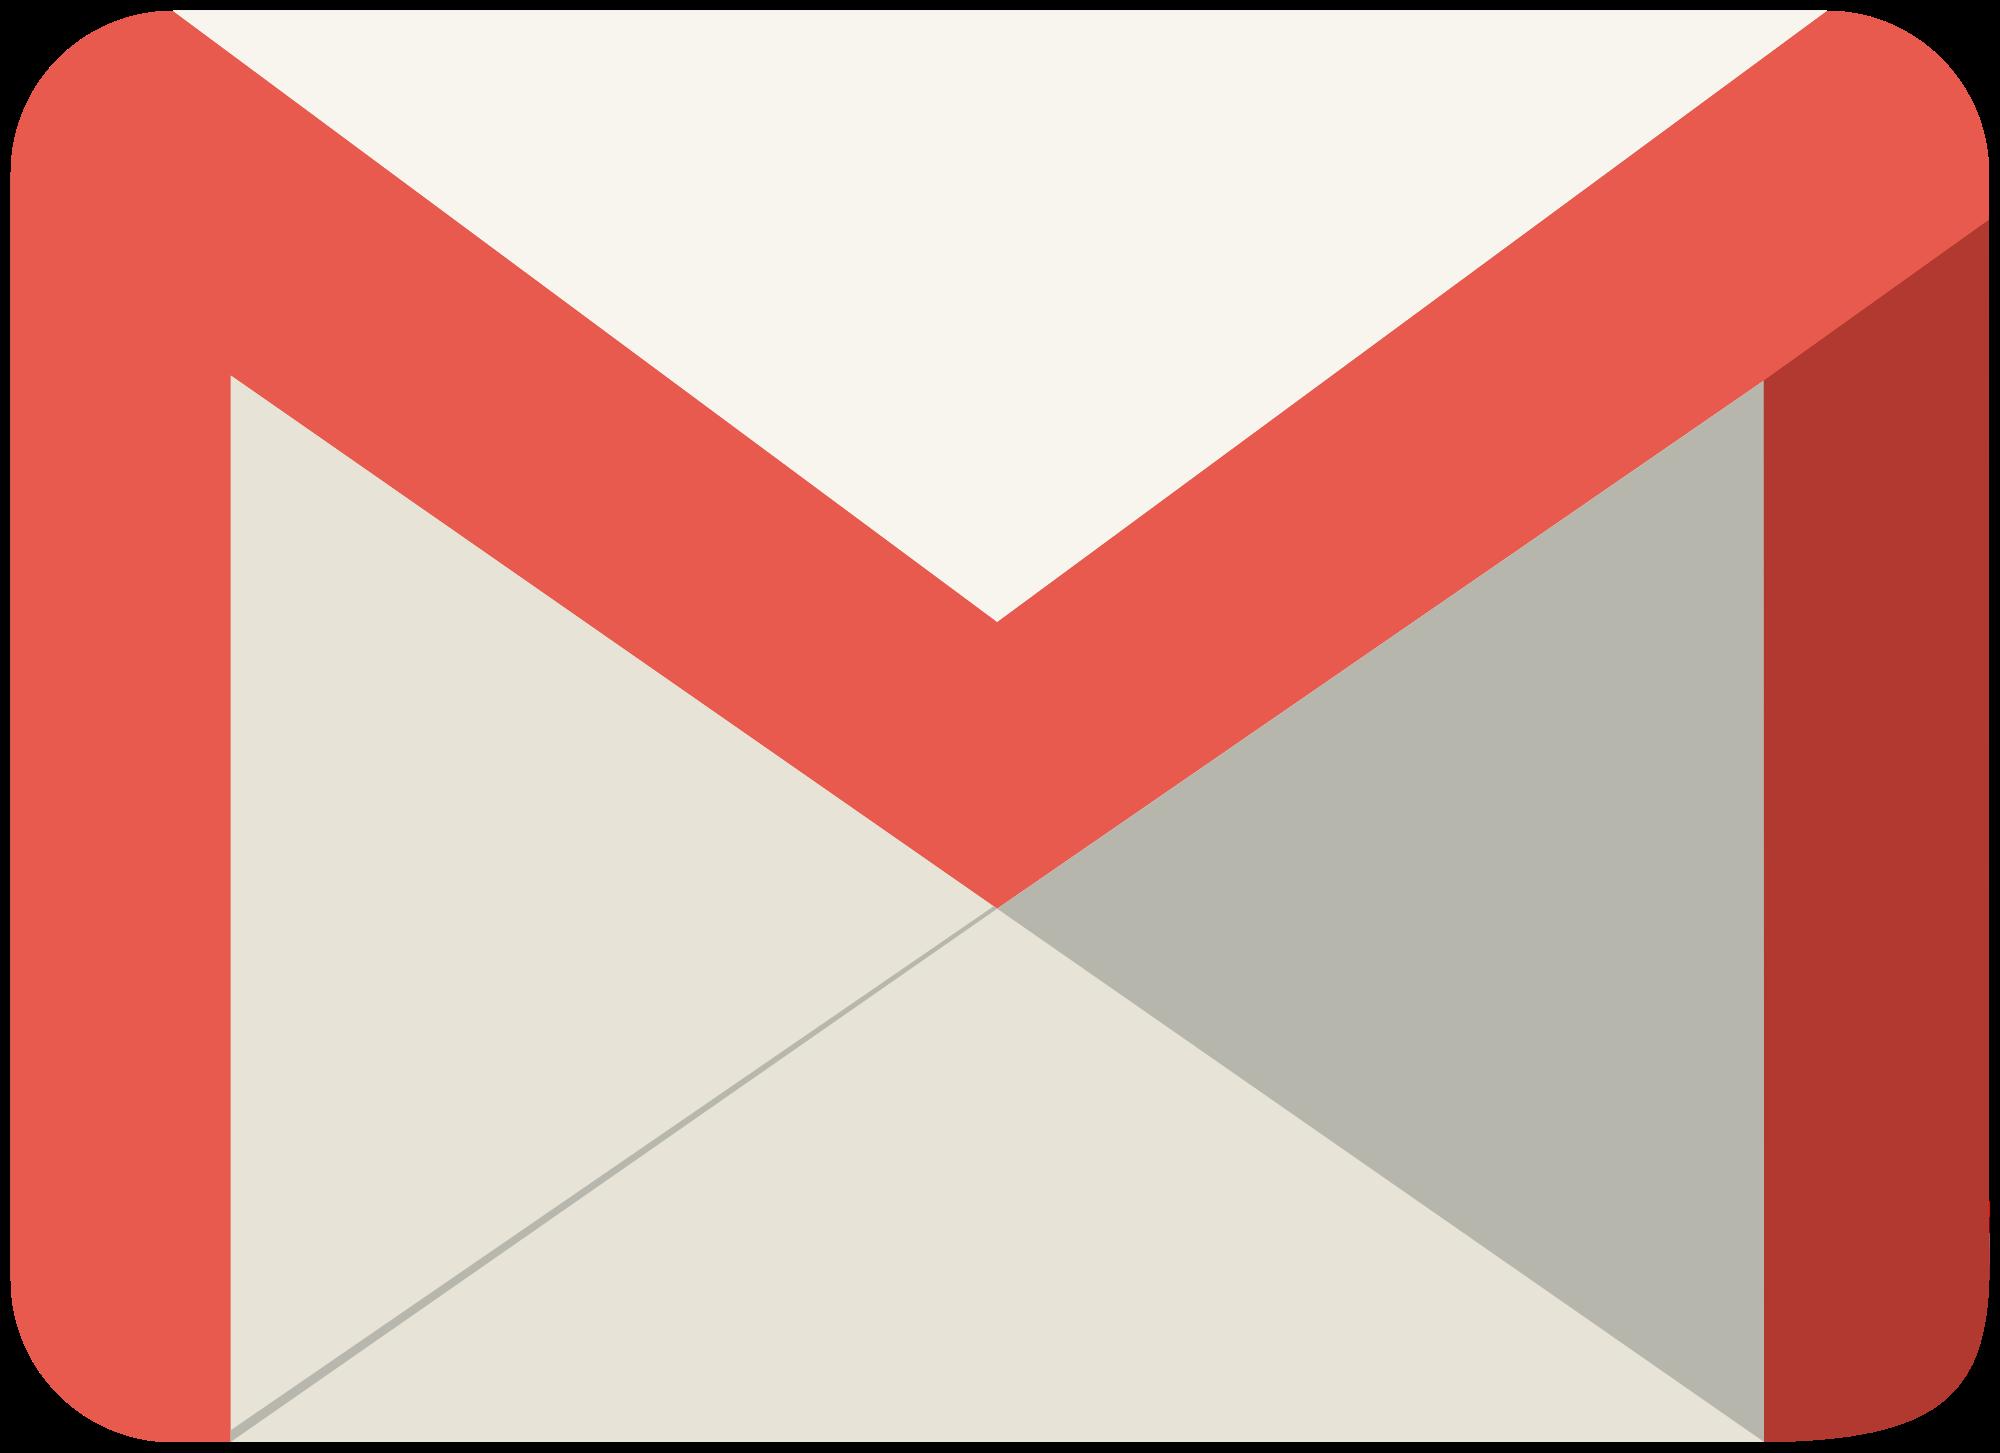 """Résultat de recherche d'images pour """"gmail image"""""""